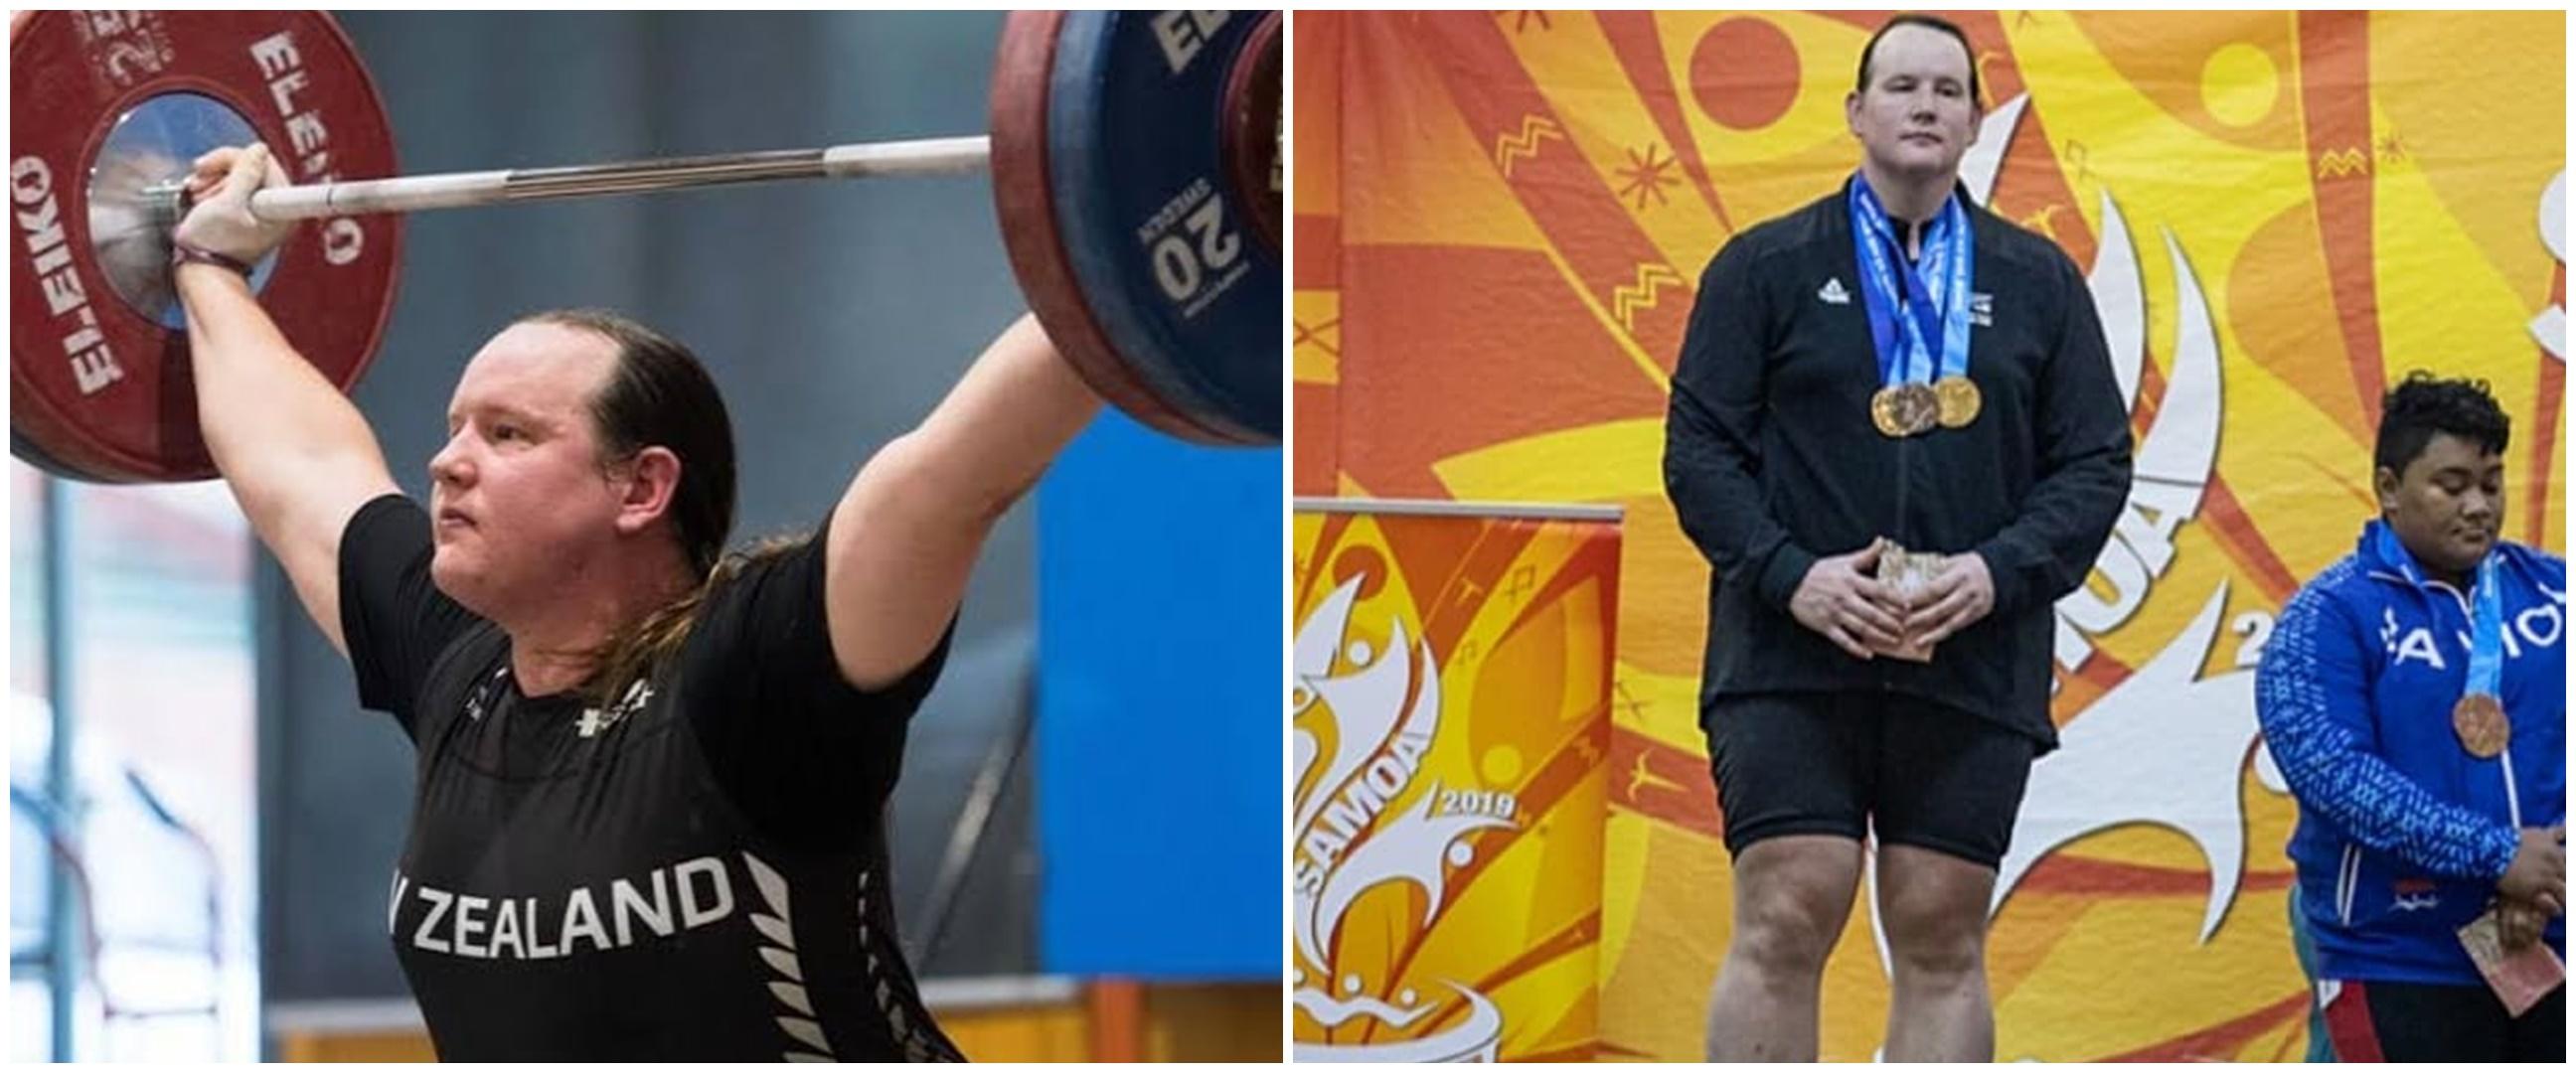 Kisah atlet transgender Laurel Hubbard di Olimpiade, begini aturannya